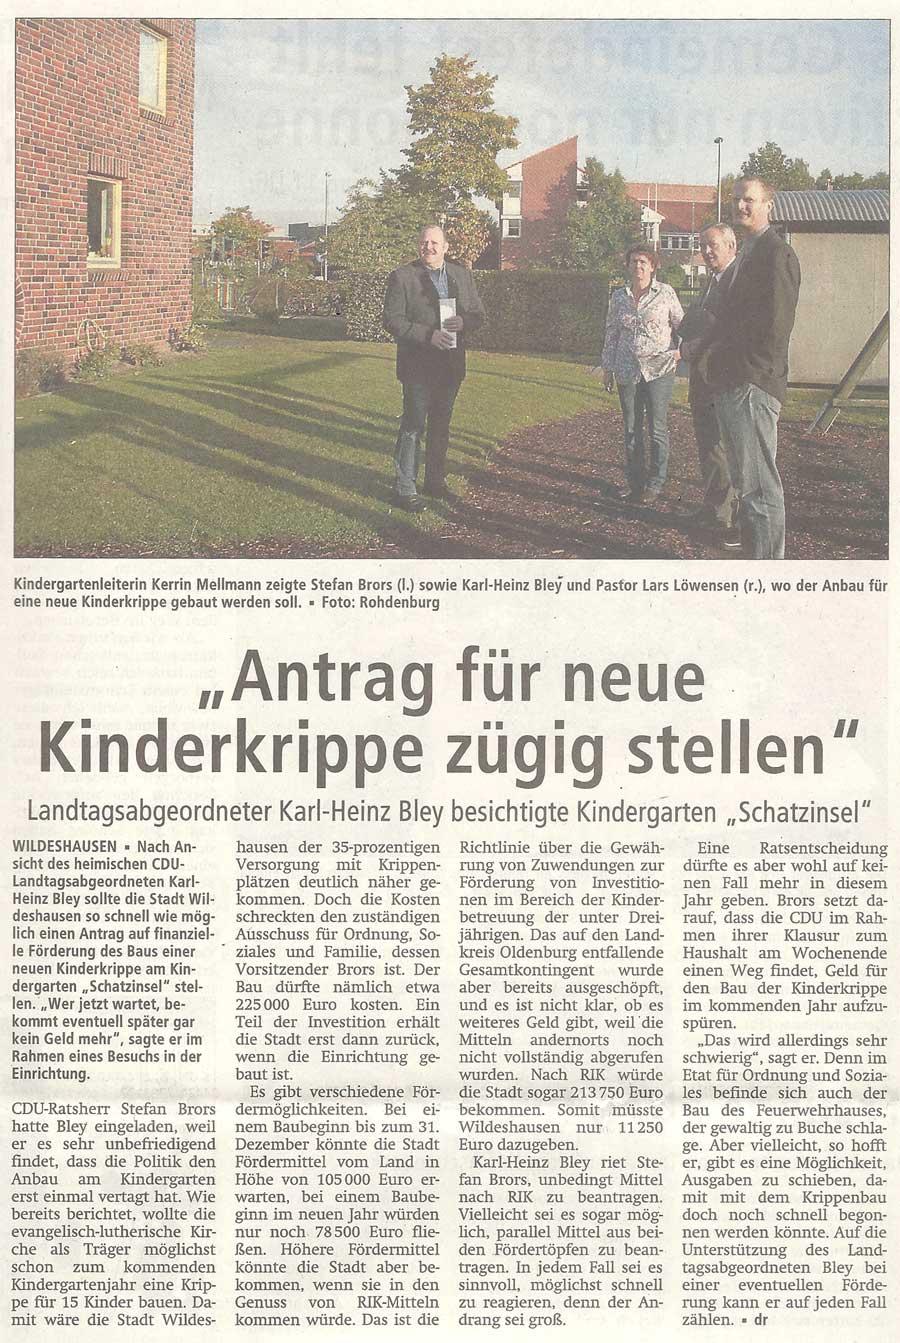 'Antrag für neue Kinderkrippe zügig stellen'Landtagsabgeordneter Karl-Heinz Bley besichtigte Kindergarten 'Schatzinsel'Artikel vom 05.10.2012 (WZ)